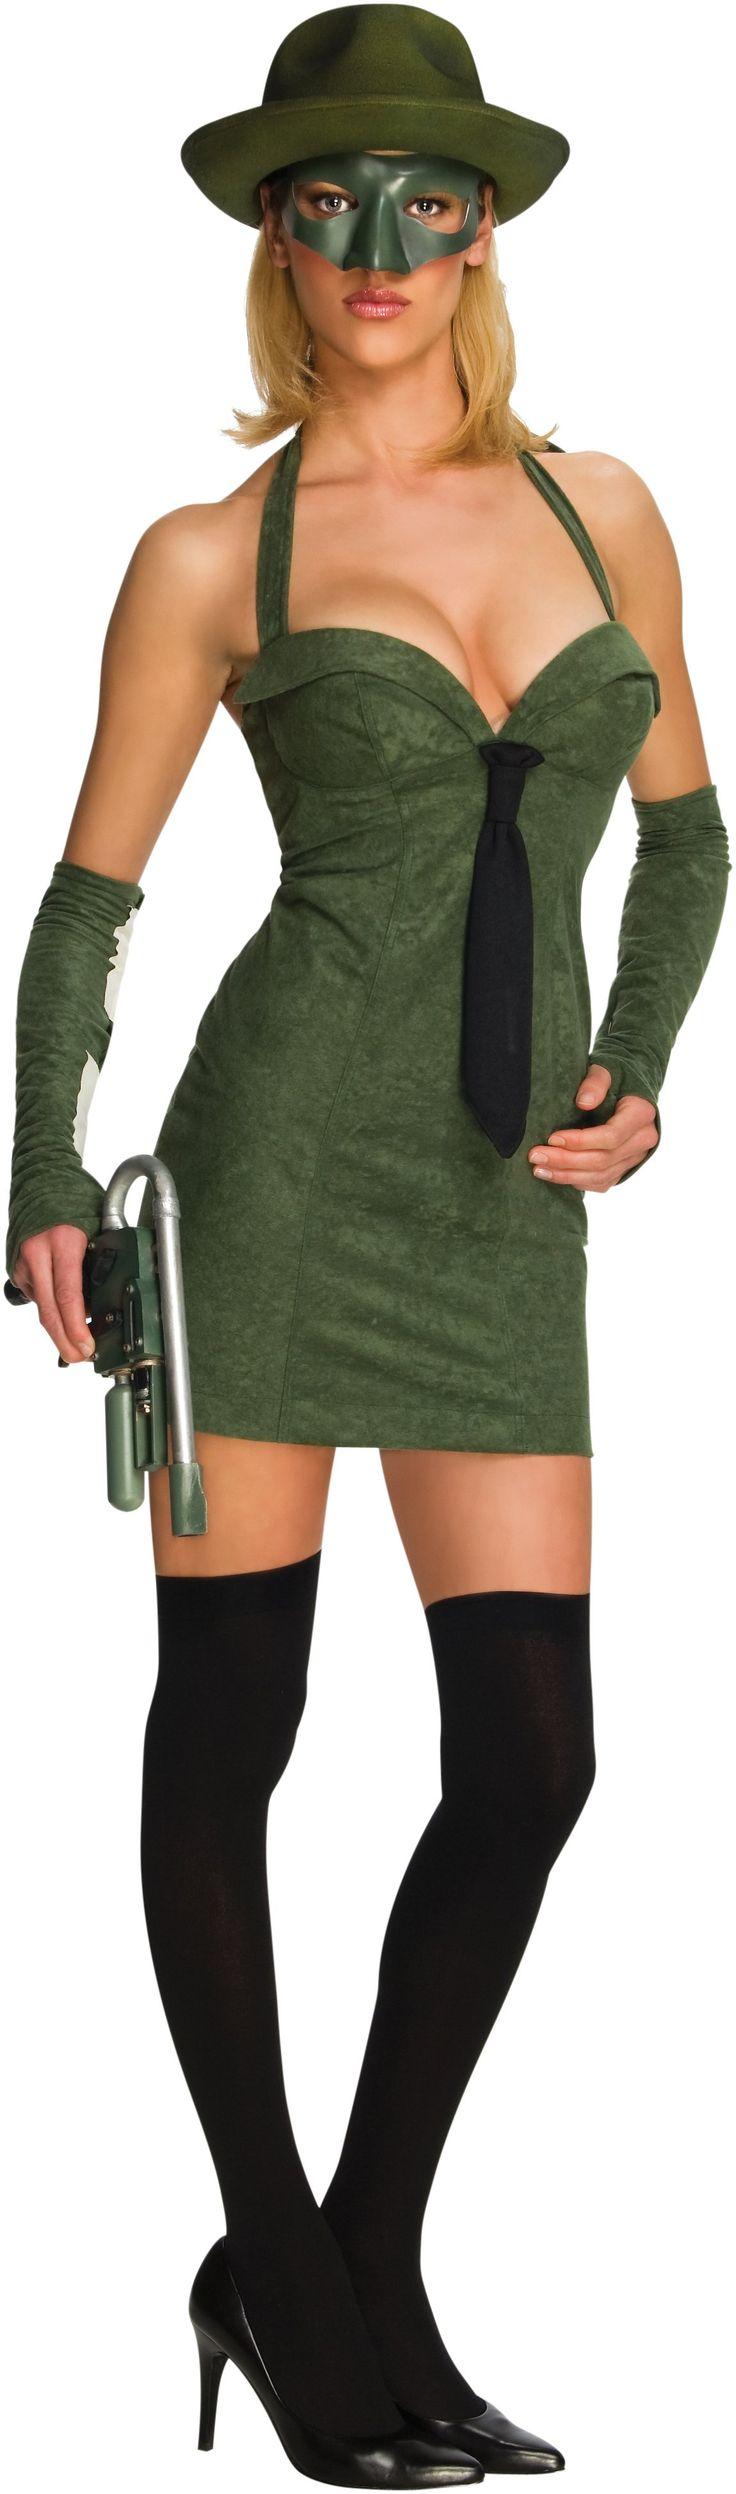 7 best Green Hornet Costumes images on Pinterest